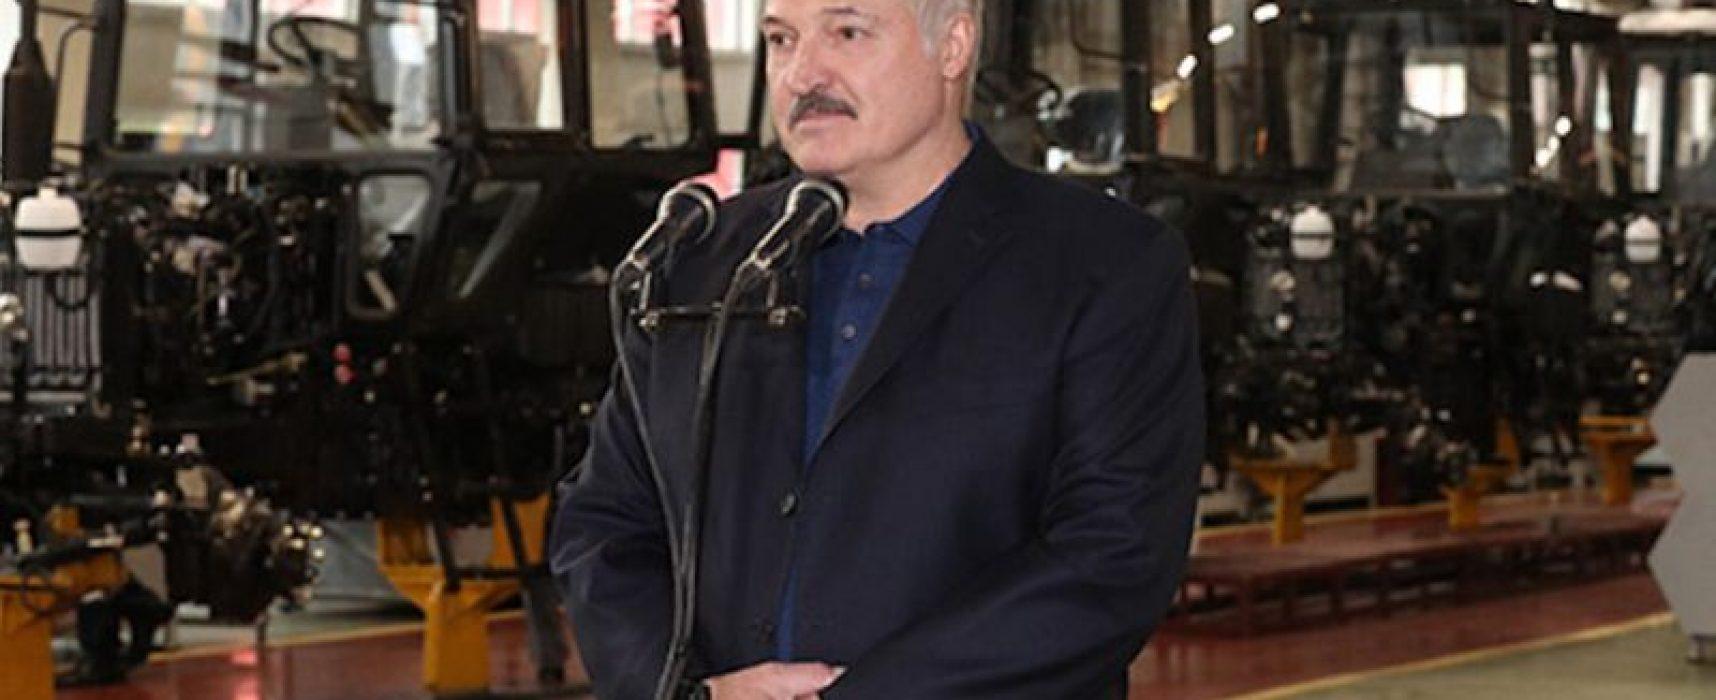 Фейк программы «Время»: режим Лукашенко спас экономику Беларуси от разрушения